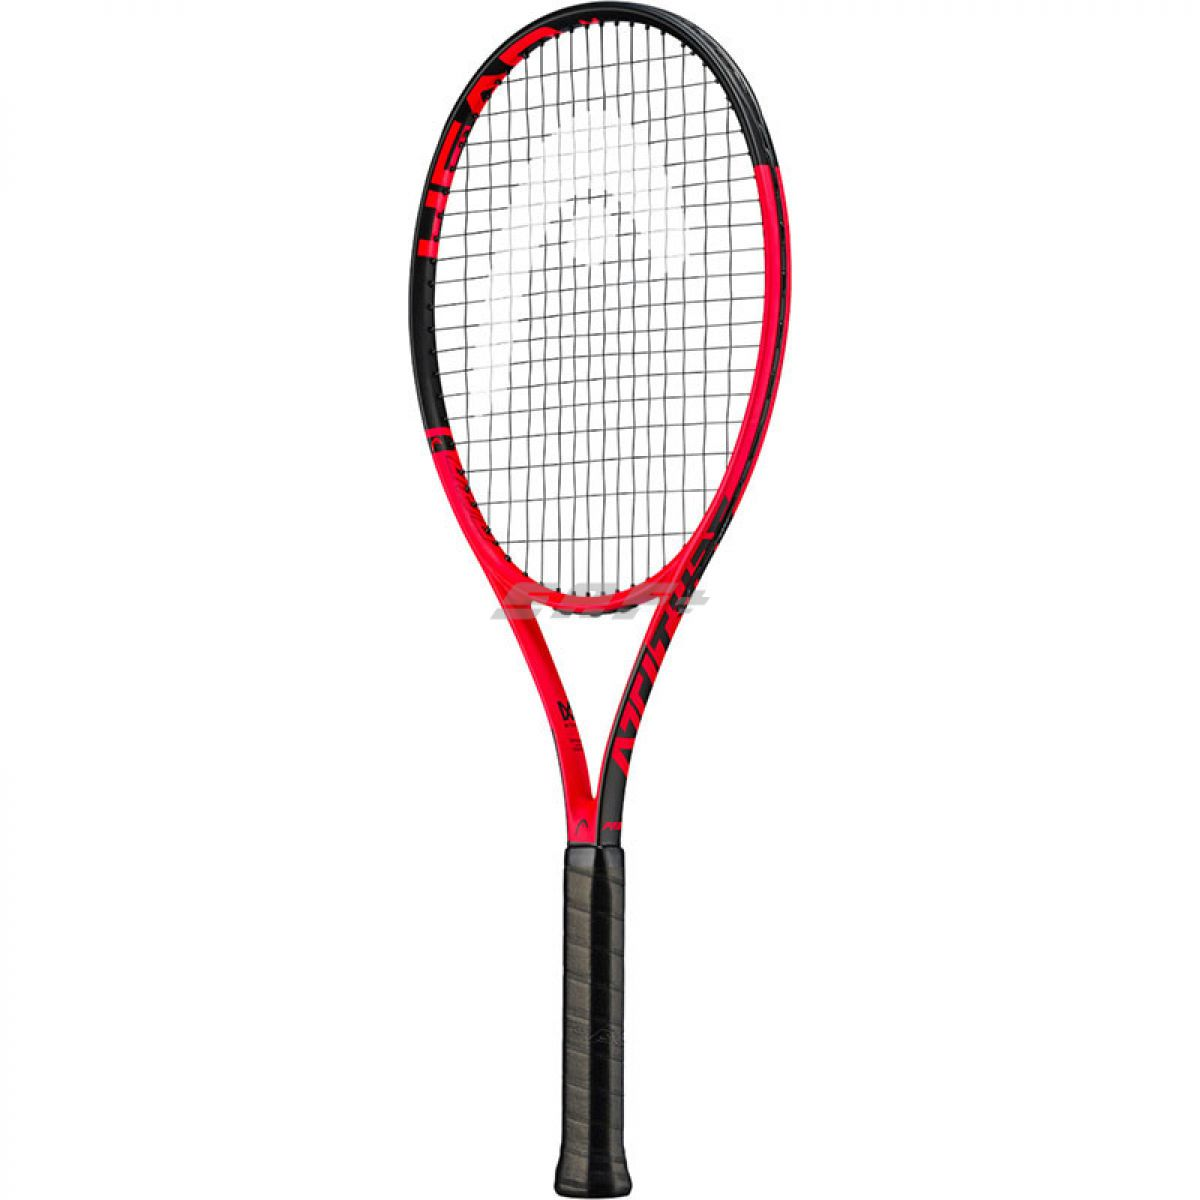 Ракетка теннисная Ракетка б/т HEAD MX Attitude Pro Gr3, арт.232019, для любителей, композит,со струнами, красн-черн